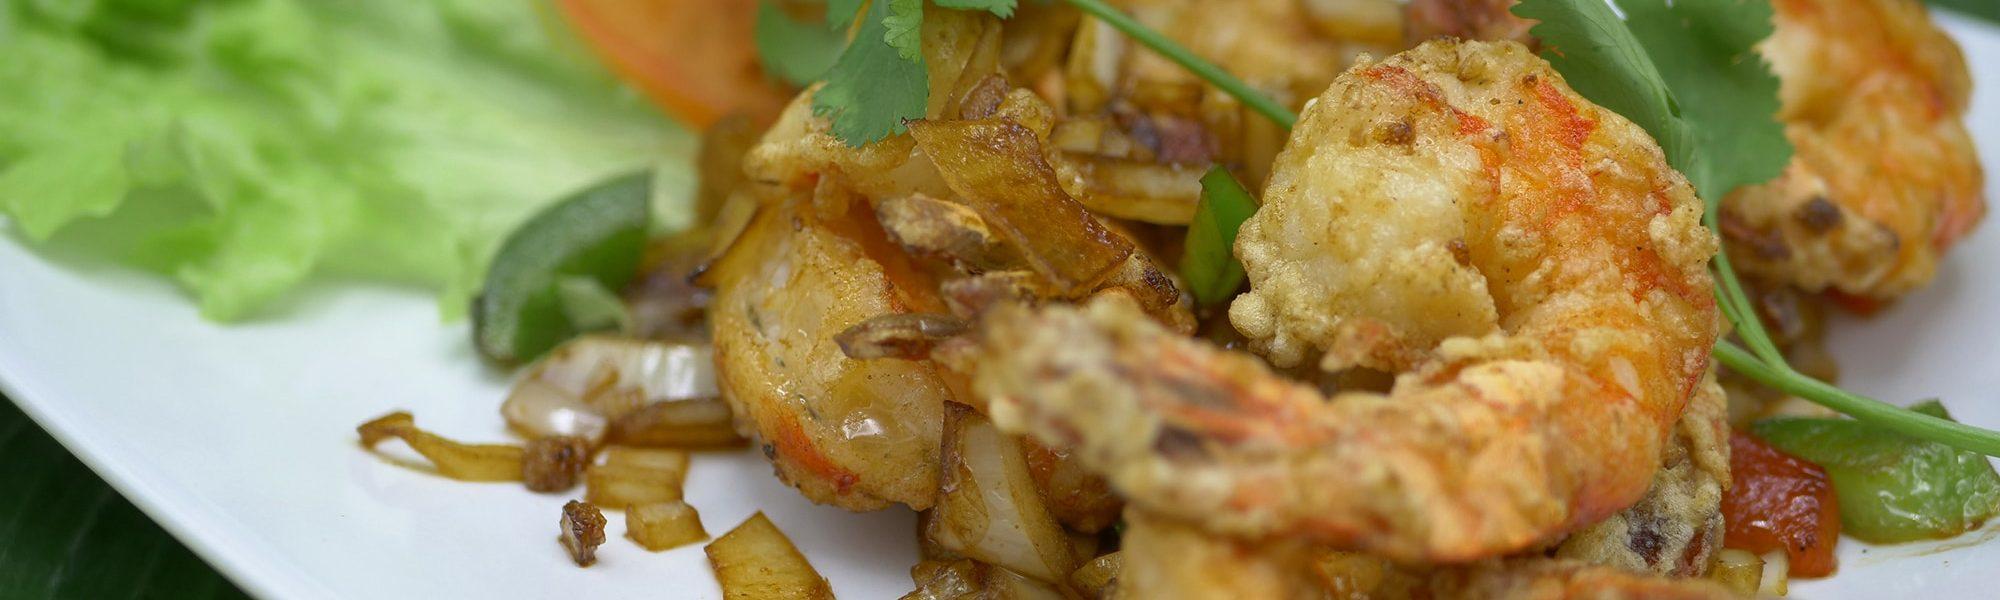 Plat Chinois | Crevettes sautées sel poivre | Kok Ping Champs-Elysées